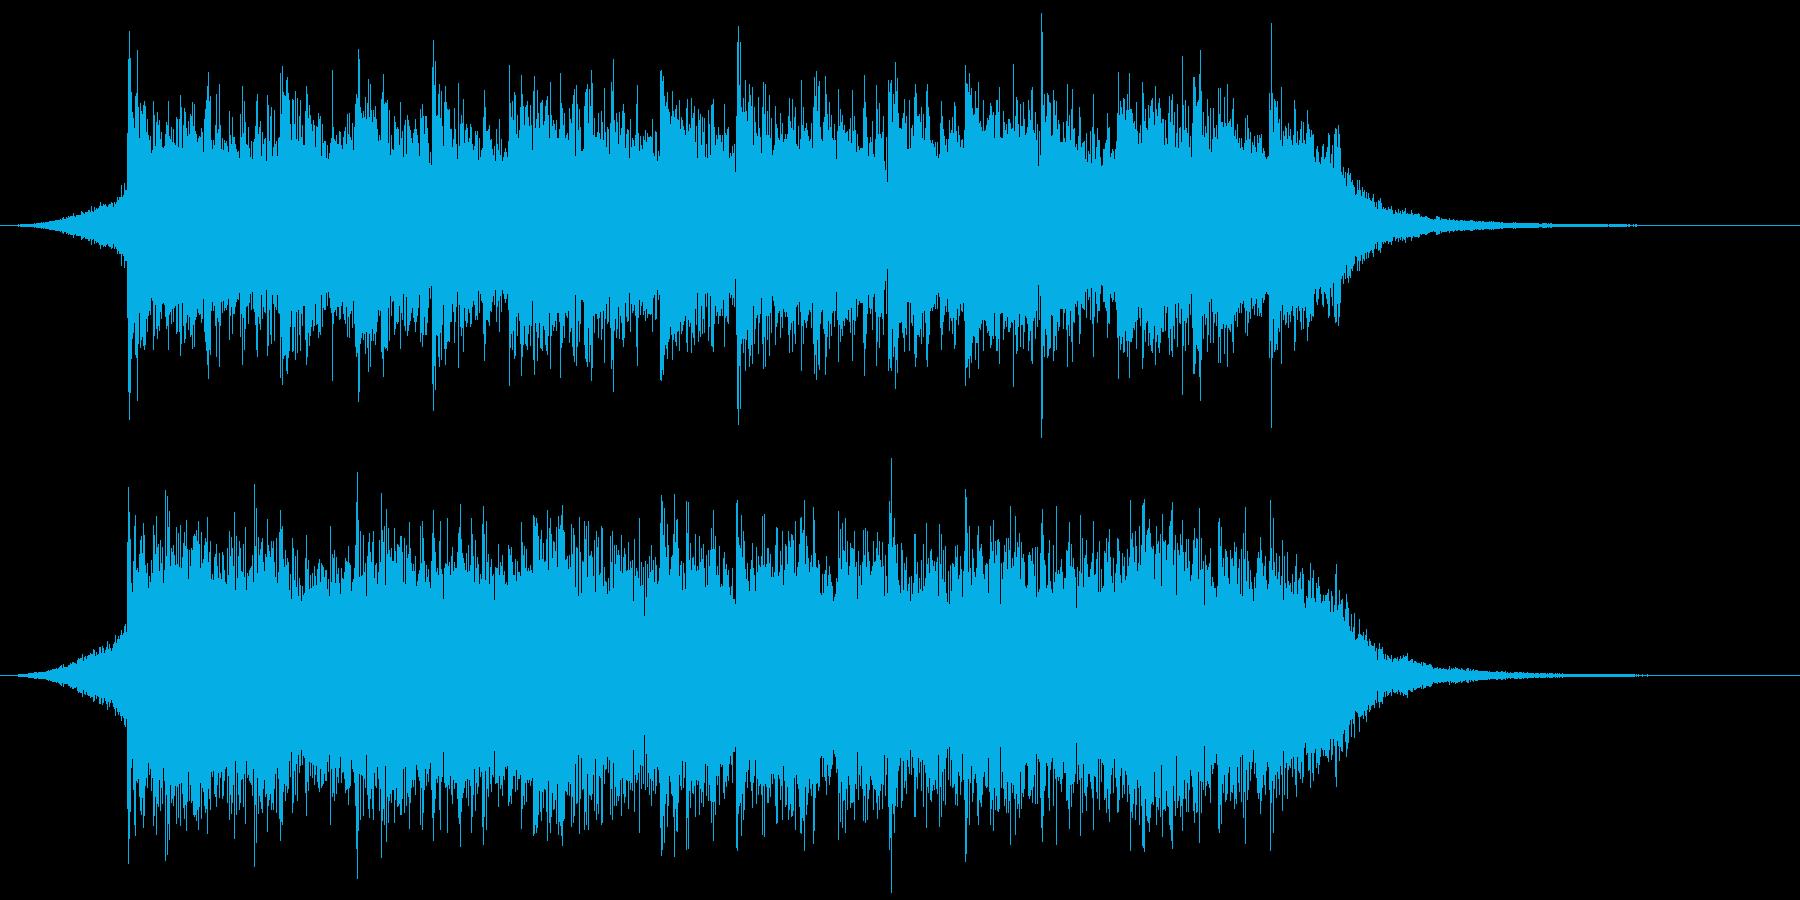 企業VP映像、154オーケストラ、爽快Sの再生済みの波形